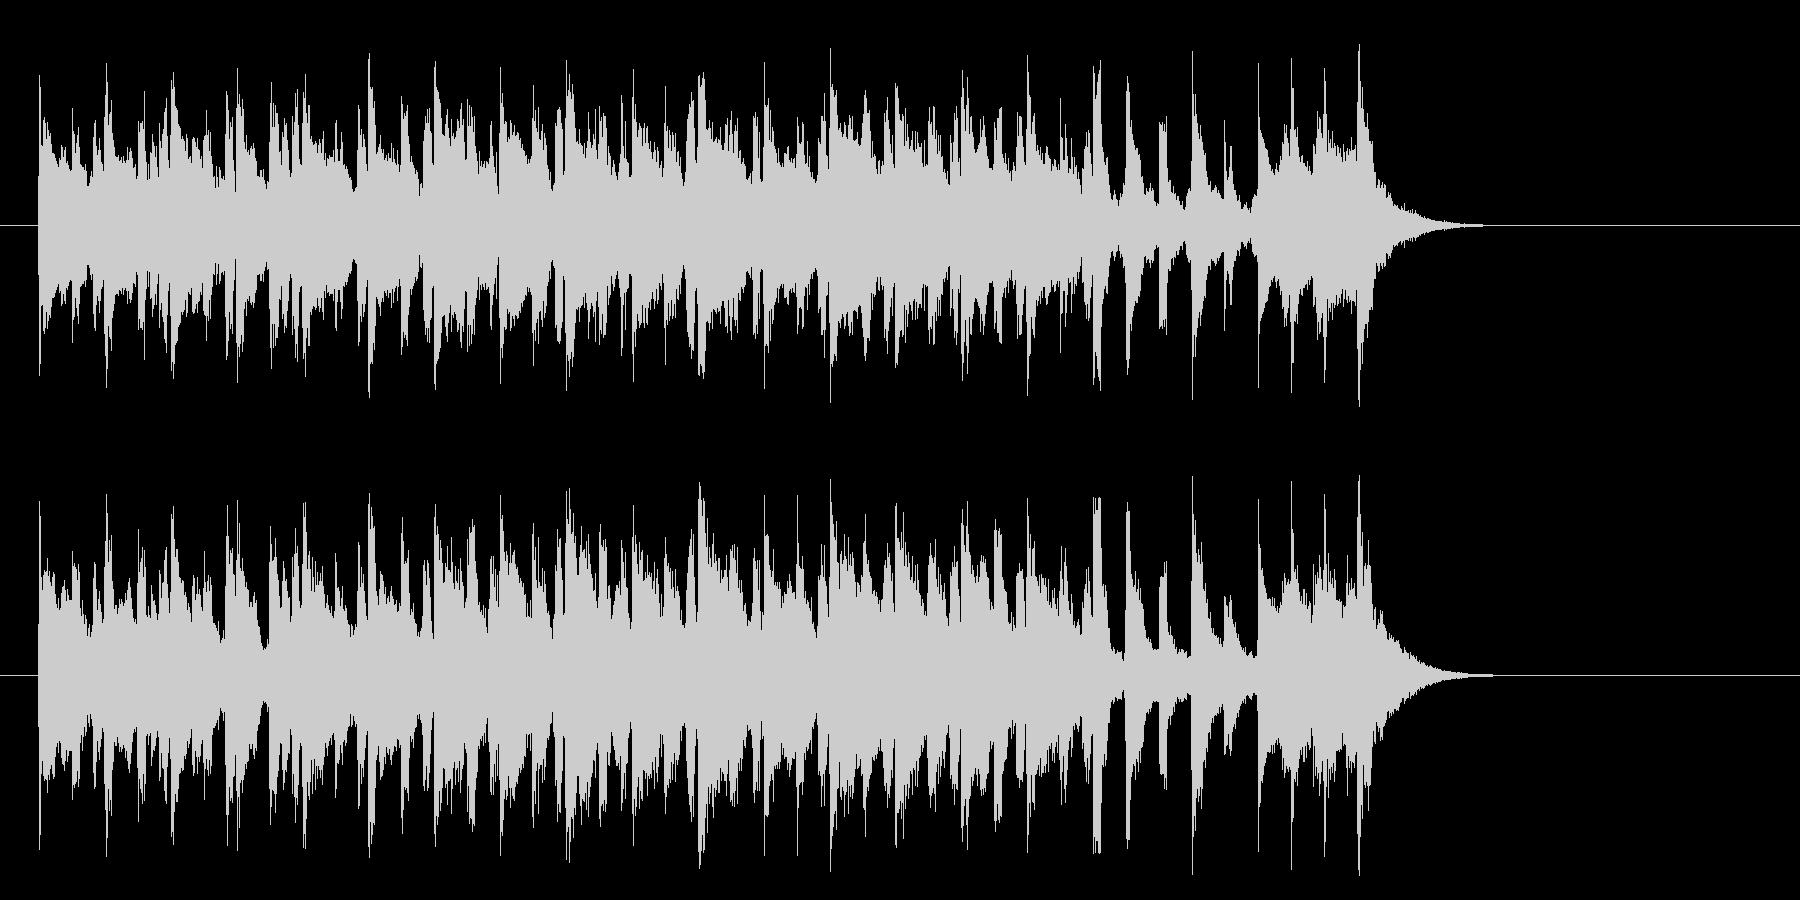 牧場のメルヘンなポップス(サビ)の未再生の波形